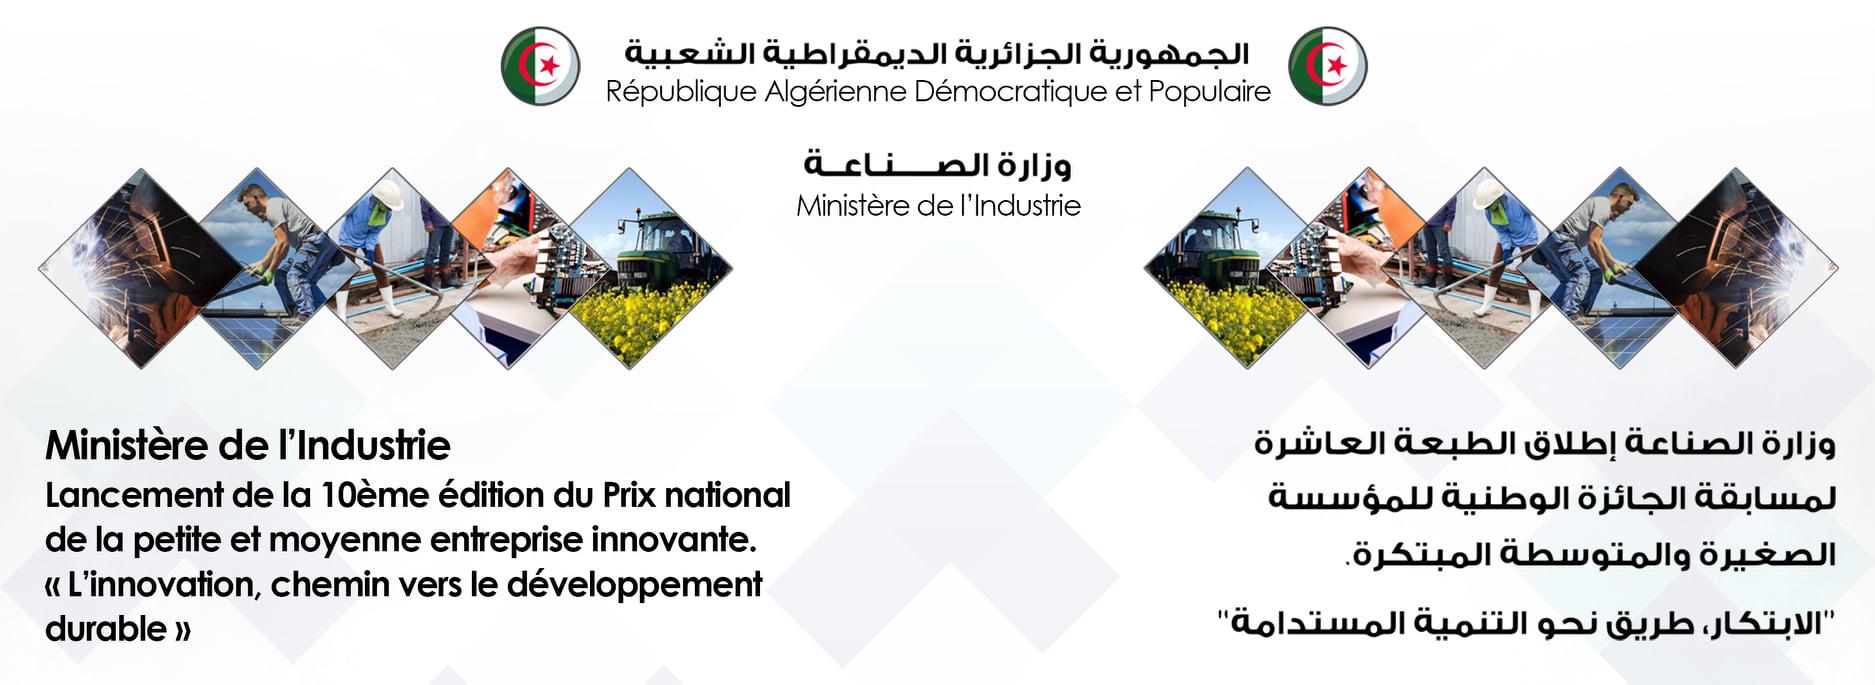 وزارة الصناعة الجزائرية